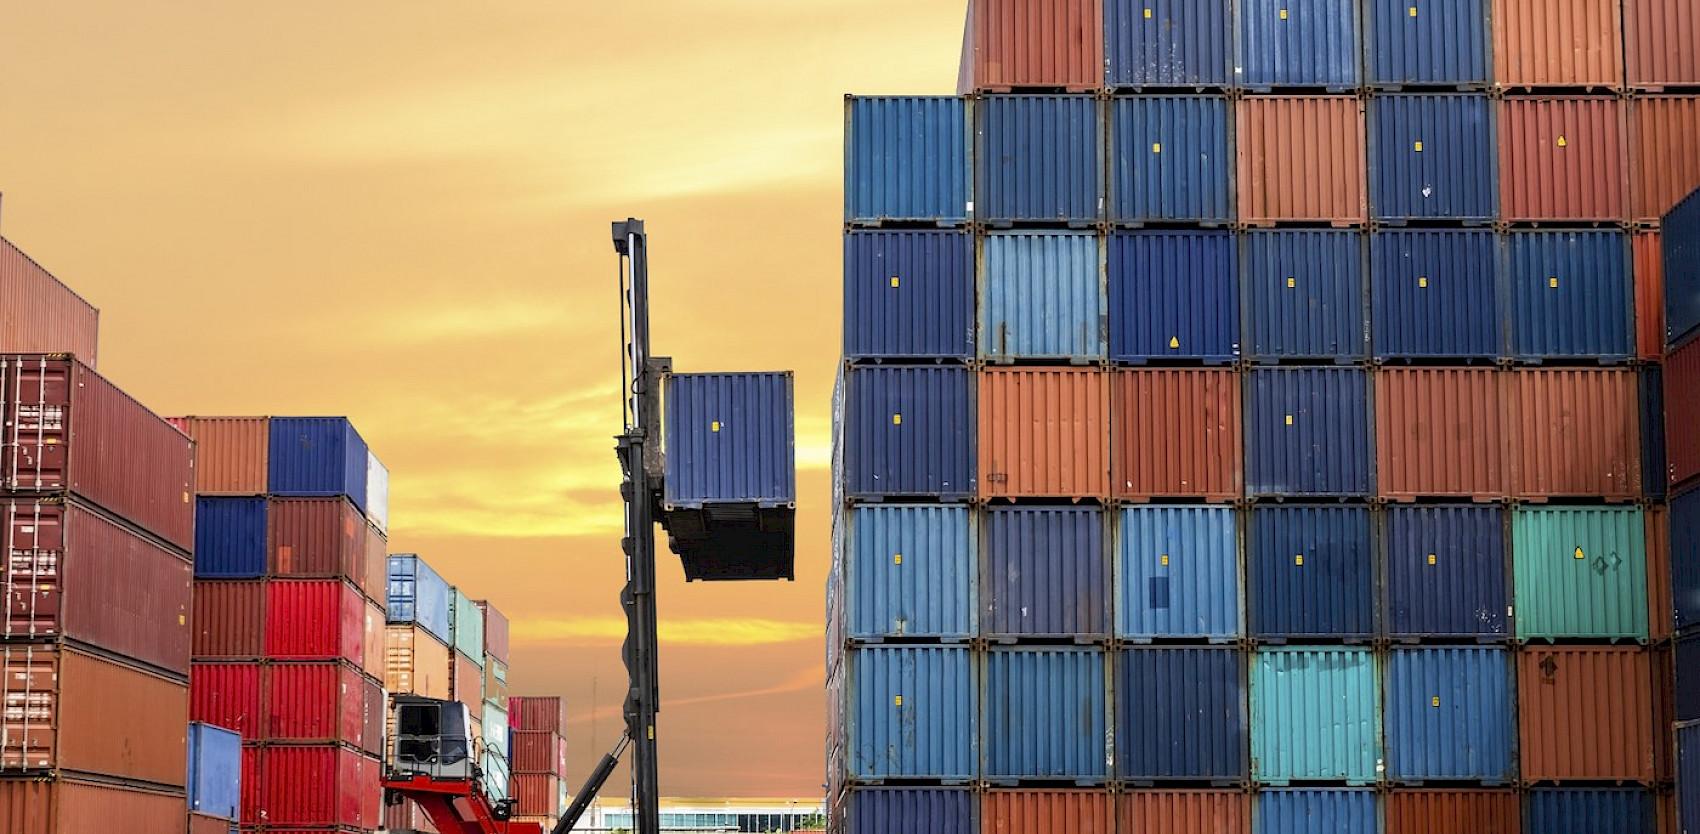 Las exportaciones de la región caerán un 20%, según los datos de la ONU